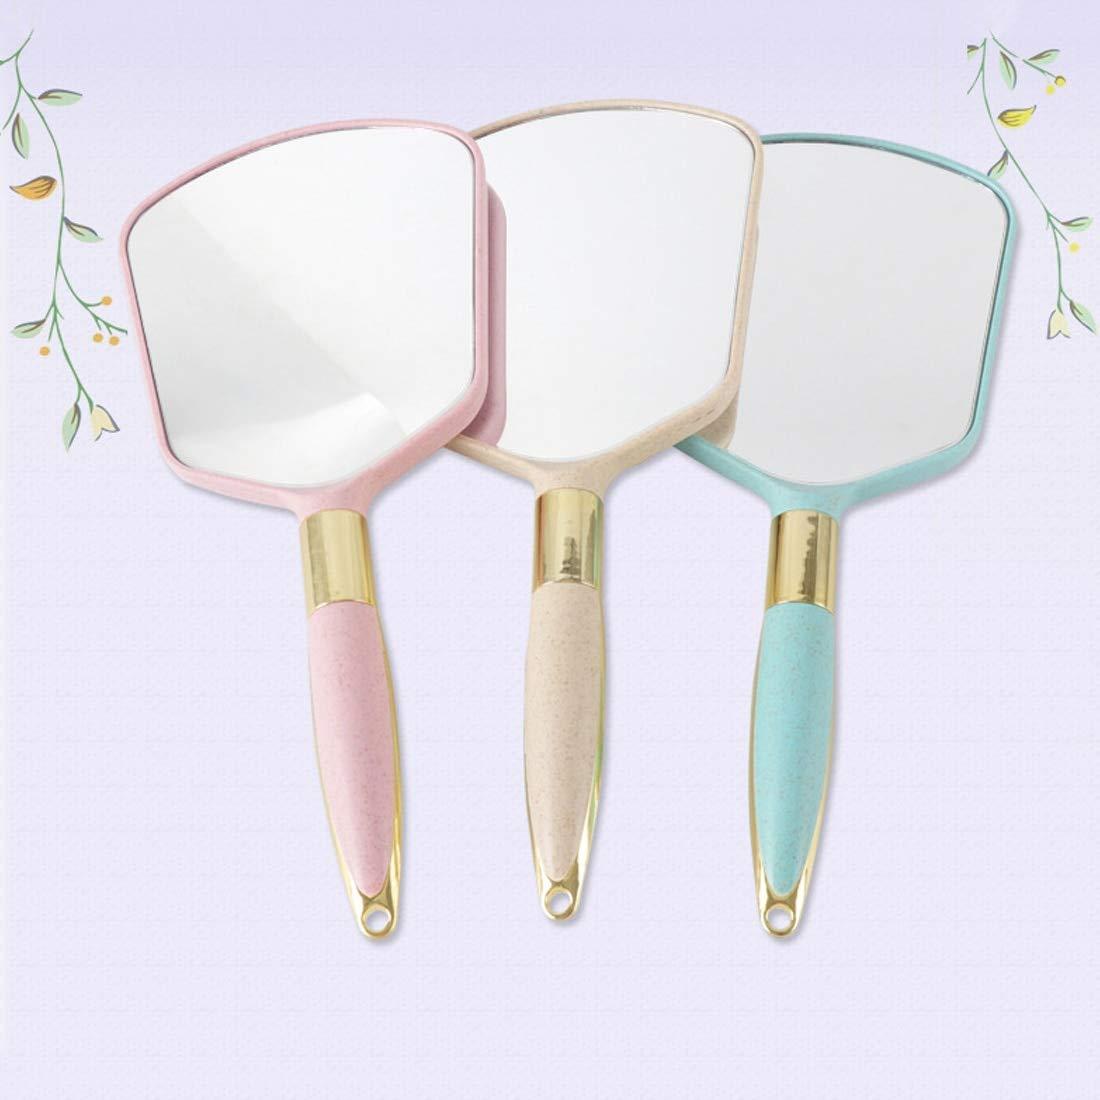 Main Rectangle Tenir le miroir de maquillage en plastique mignon Miroir de pureté du miroir Clarity Charming poignée vintage iHen-Tech